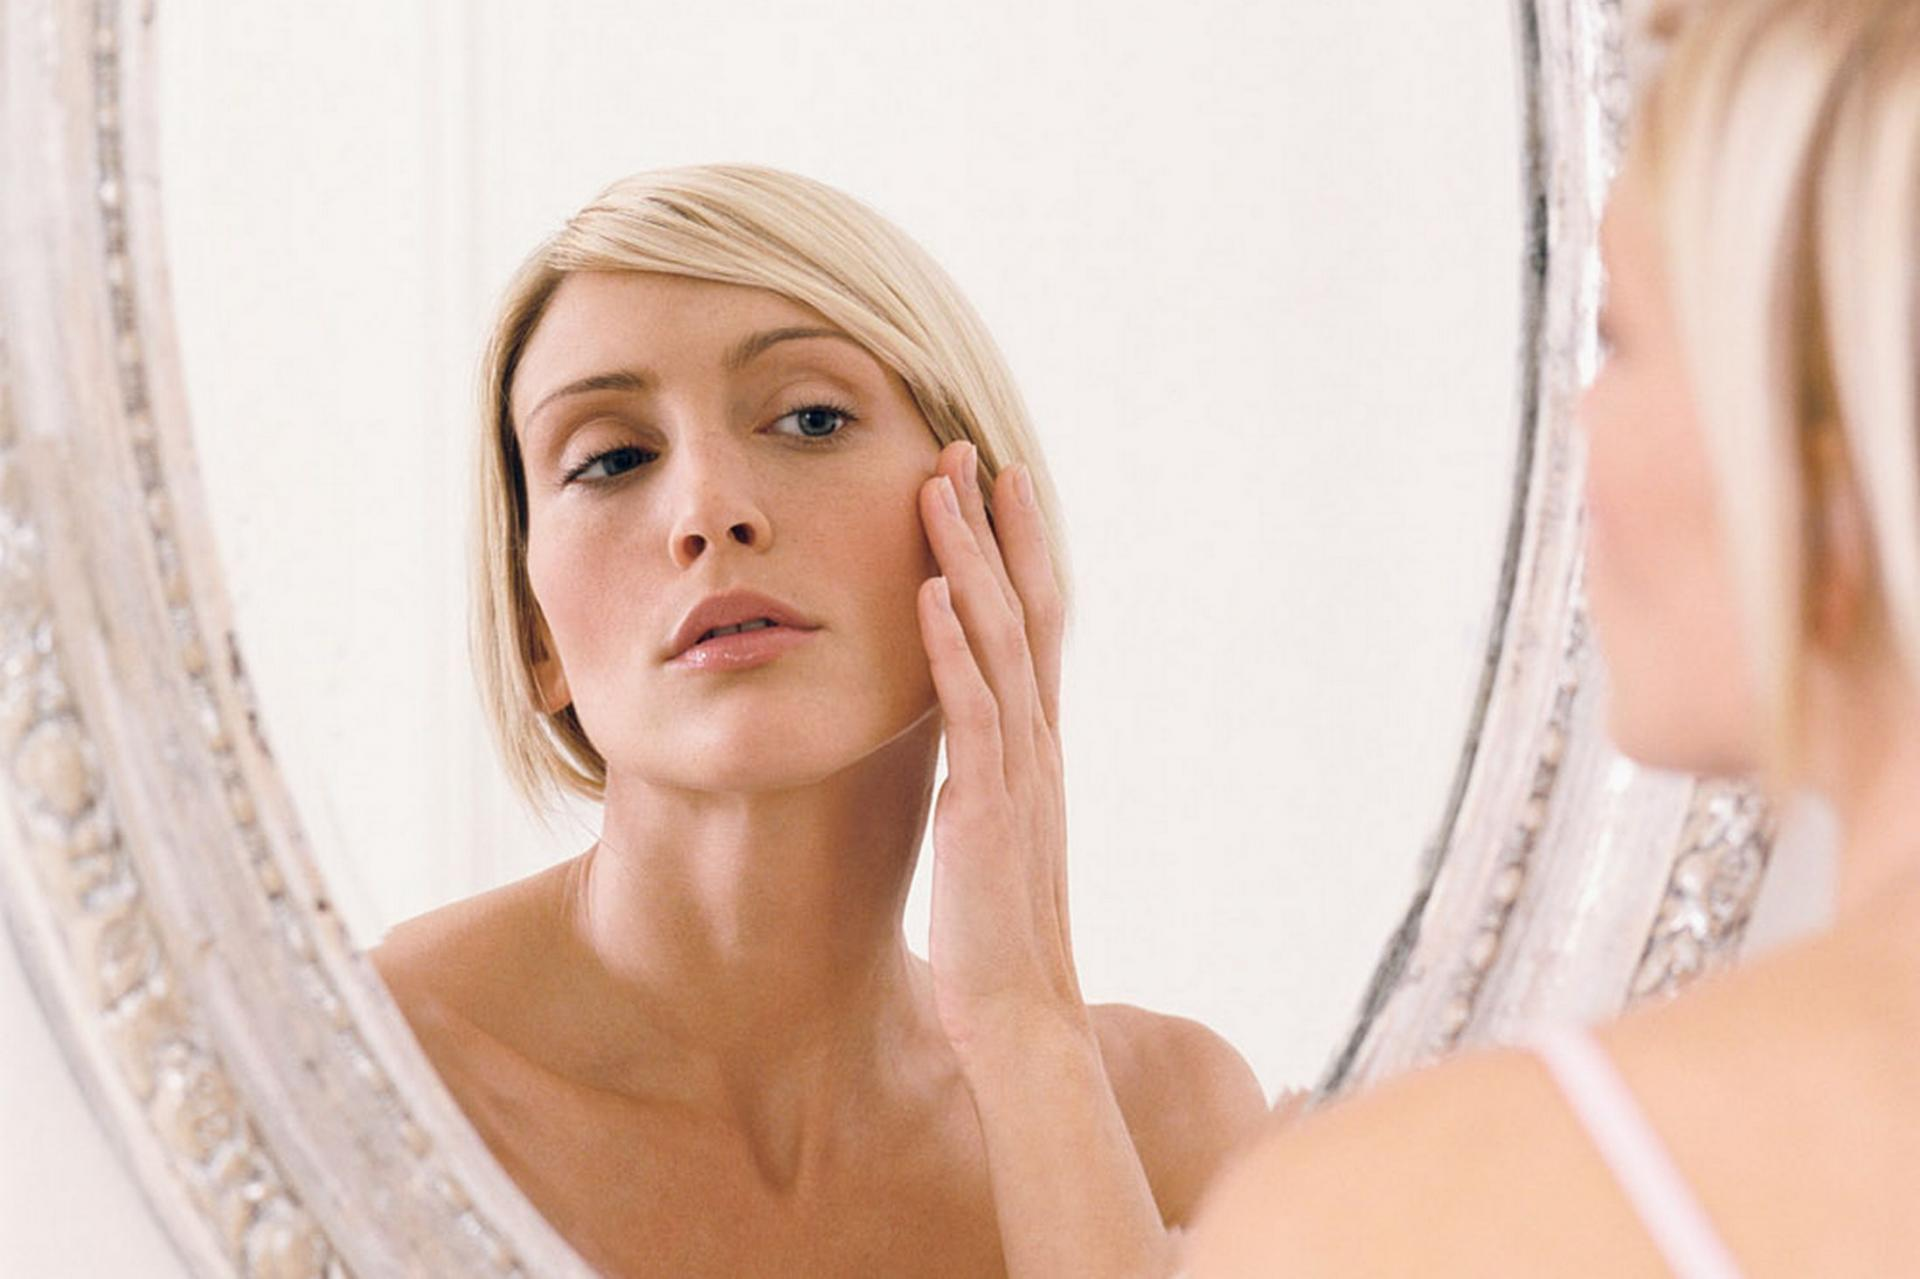 Картинка женщина смотрящая в зеркало